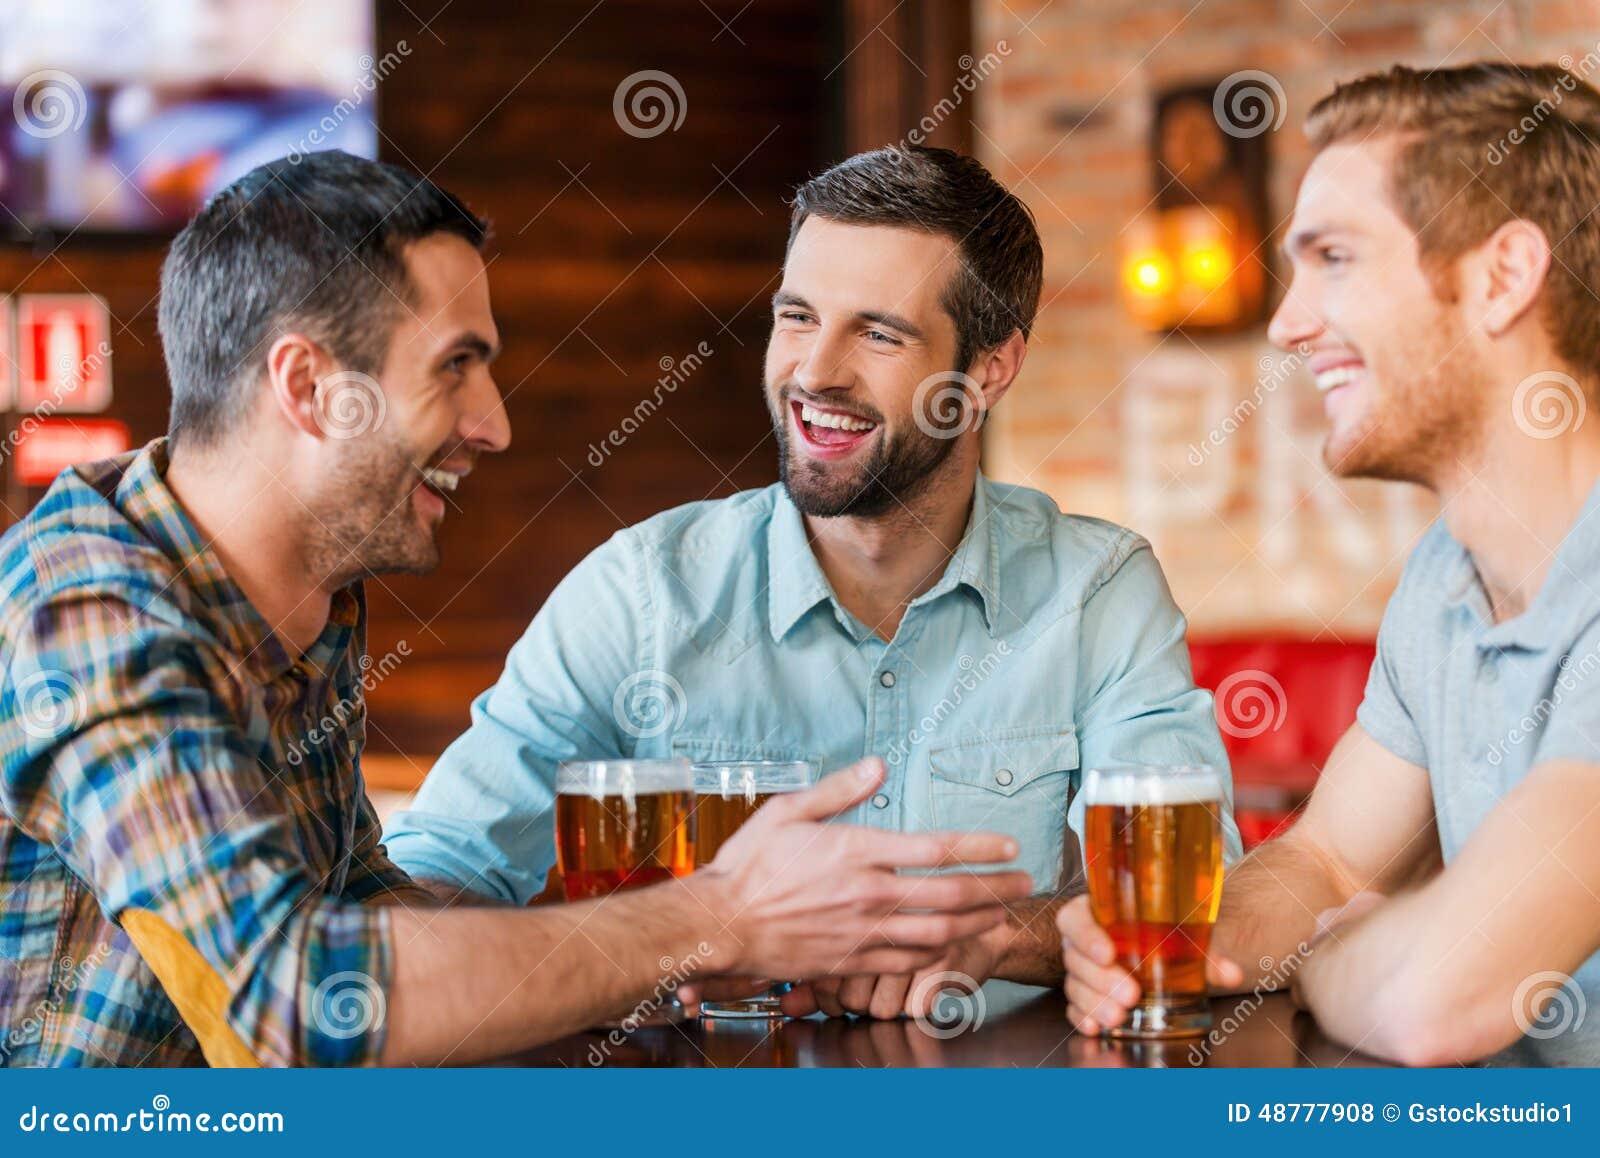 Freunde treffen kostenlos